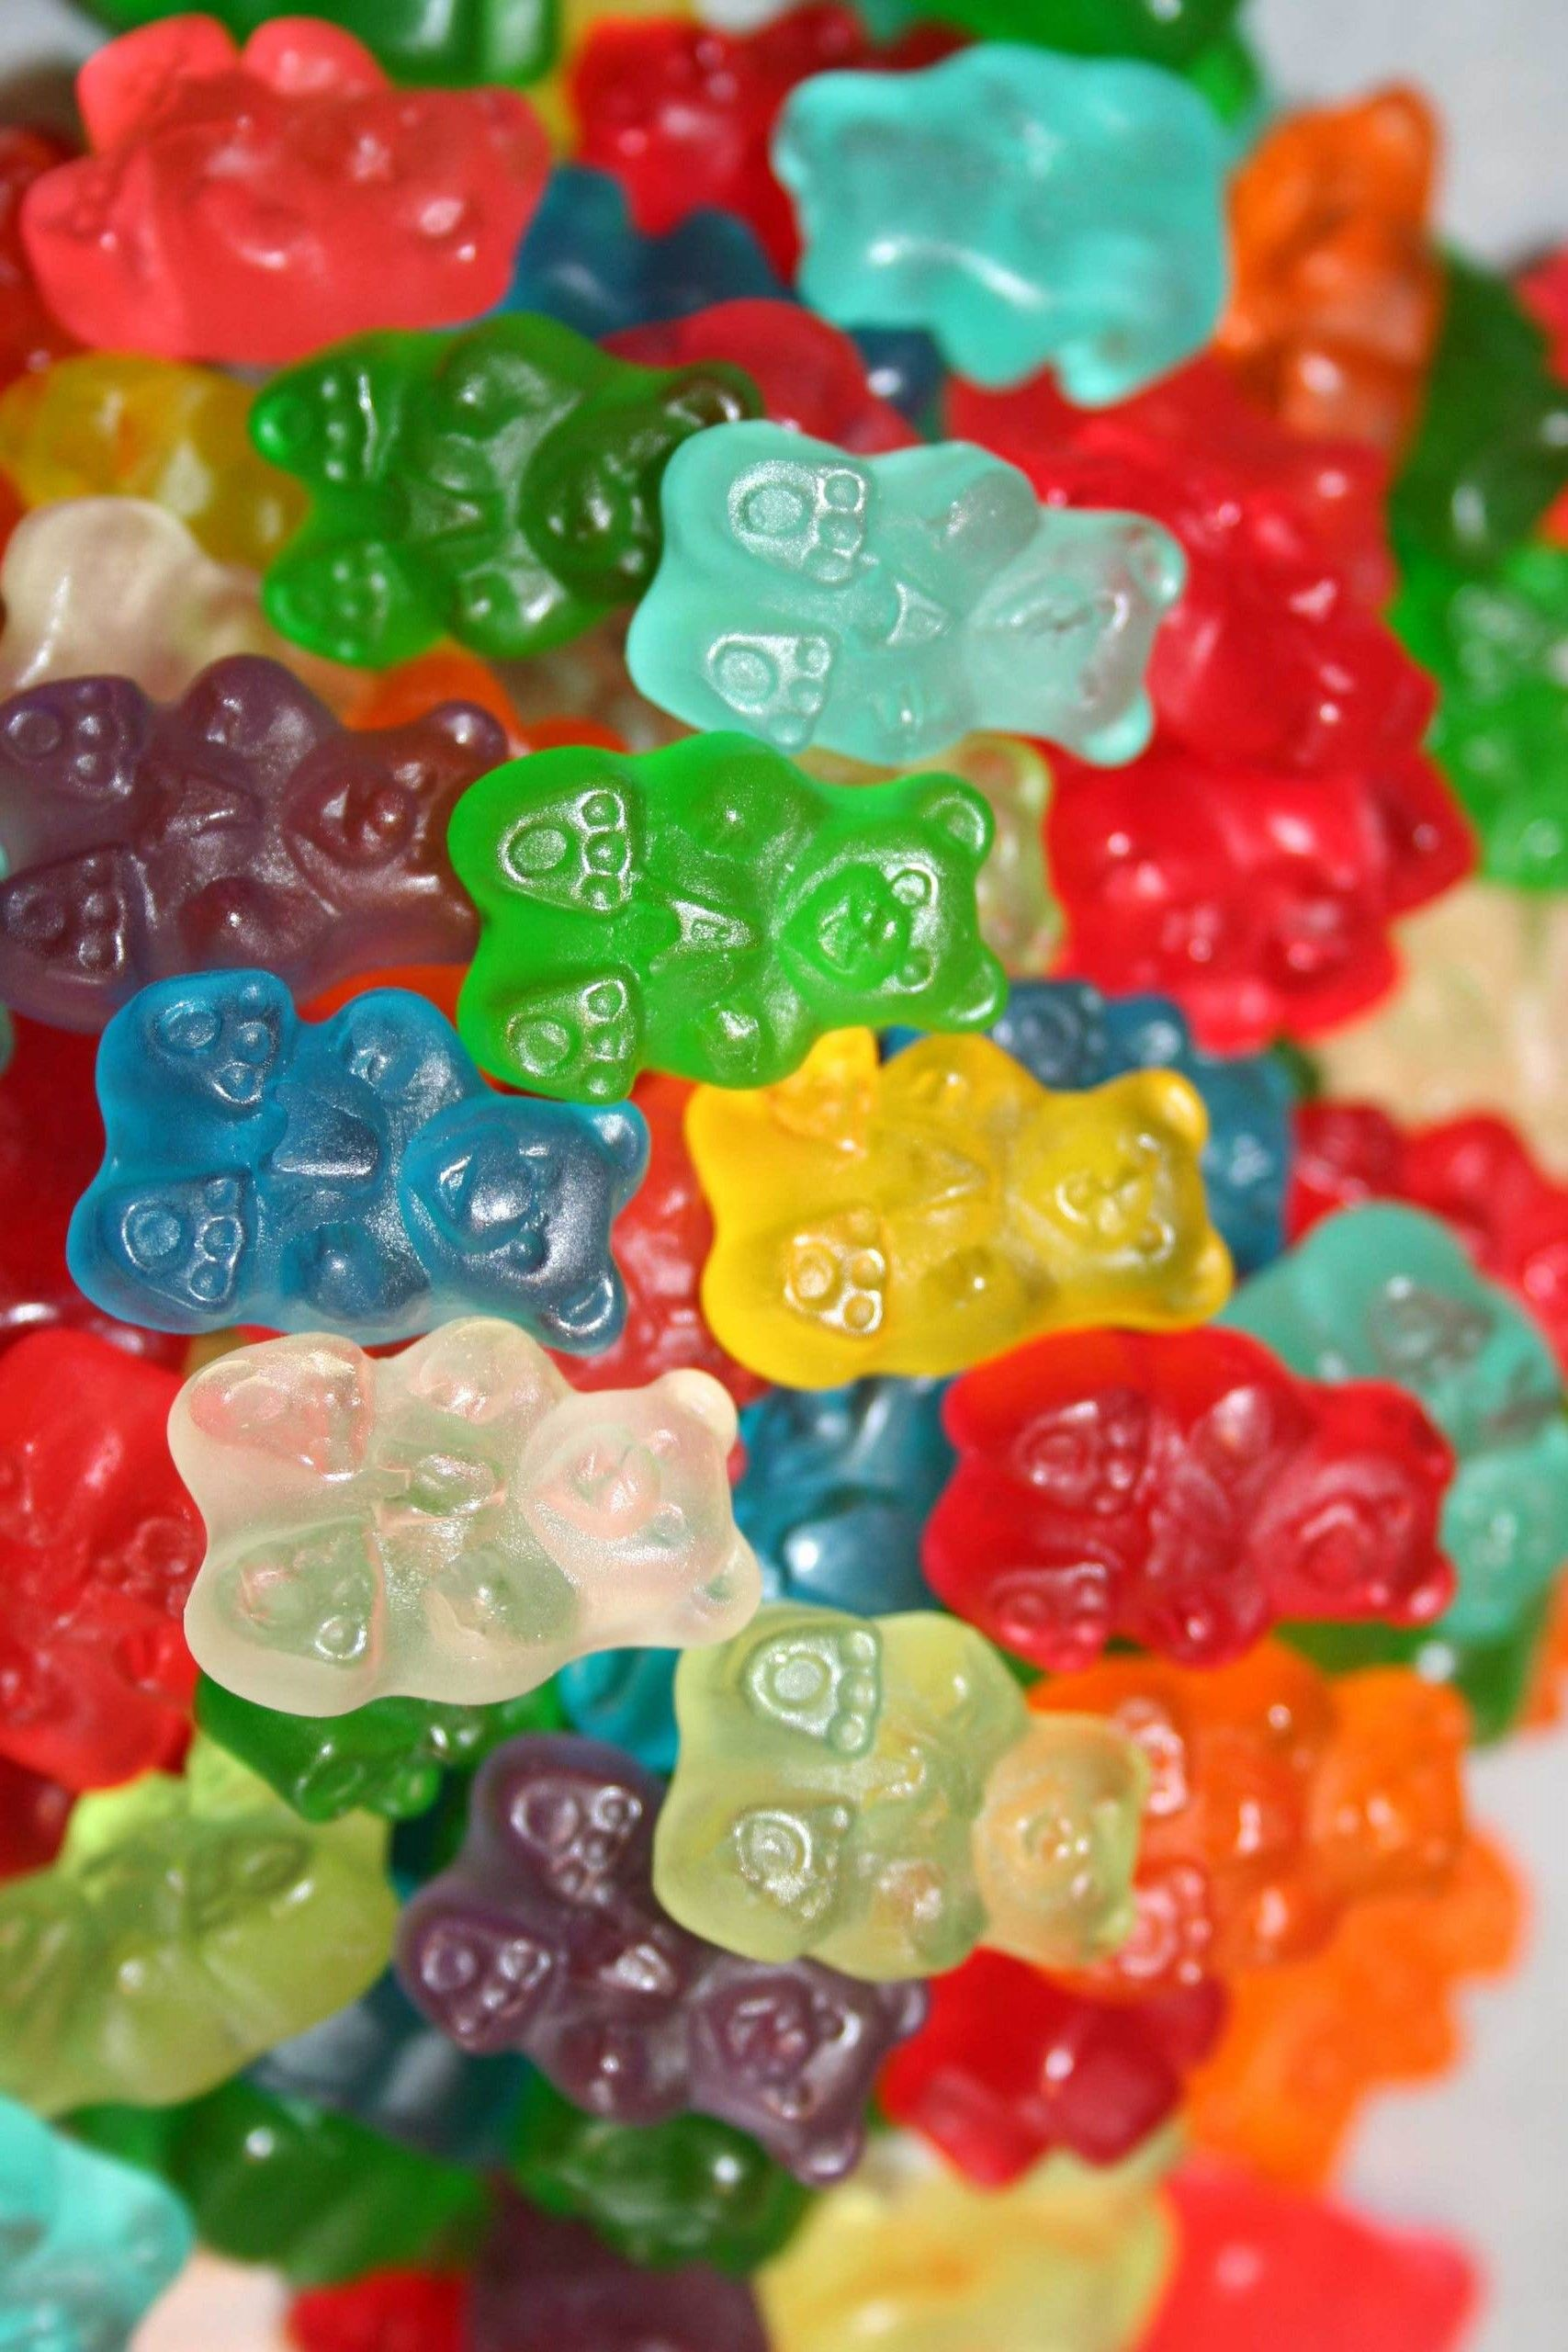 5 favorite road trip snack gummy bears esurancedreamroadtrip favorite road trip snack gummy bears esurancedreamroadtrip arubaitofo Image collections